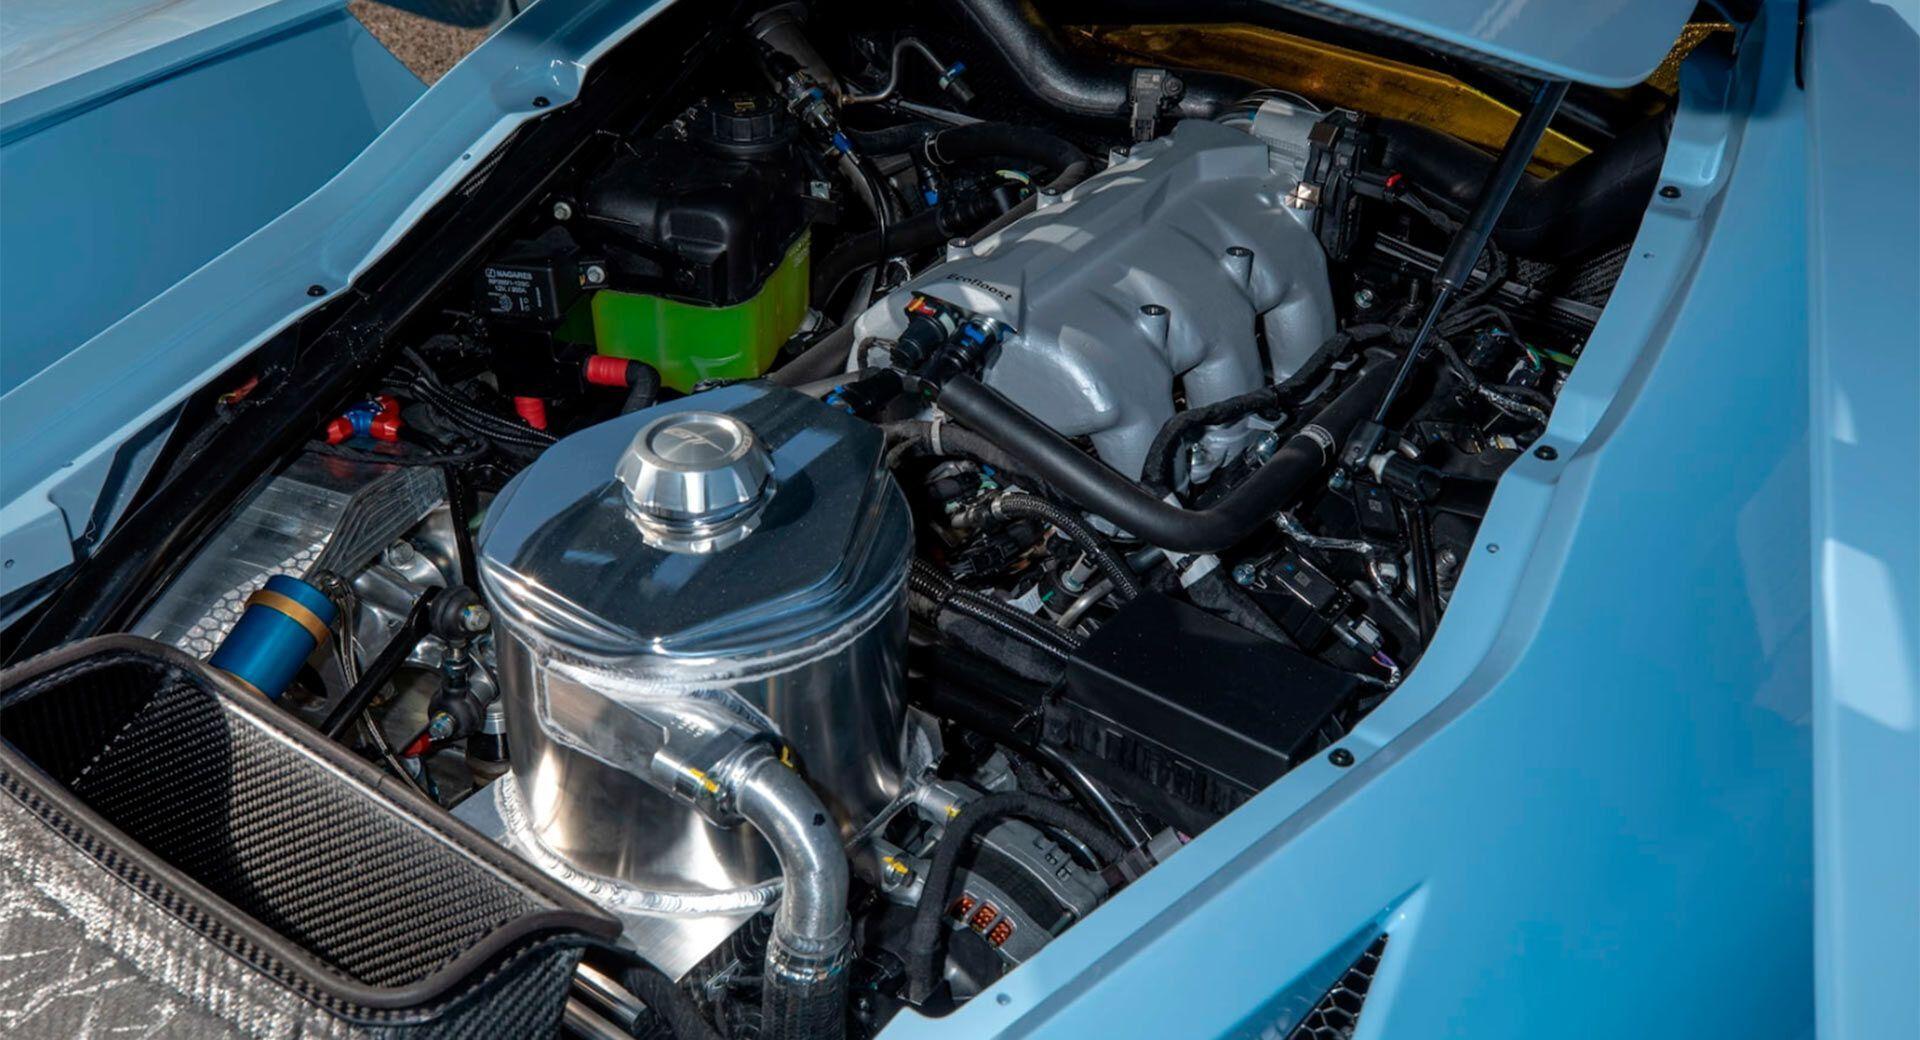 Автомобіль оснащений 3,5-літровим мотором EcoBoost потужністю 700 к.с.